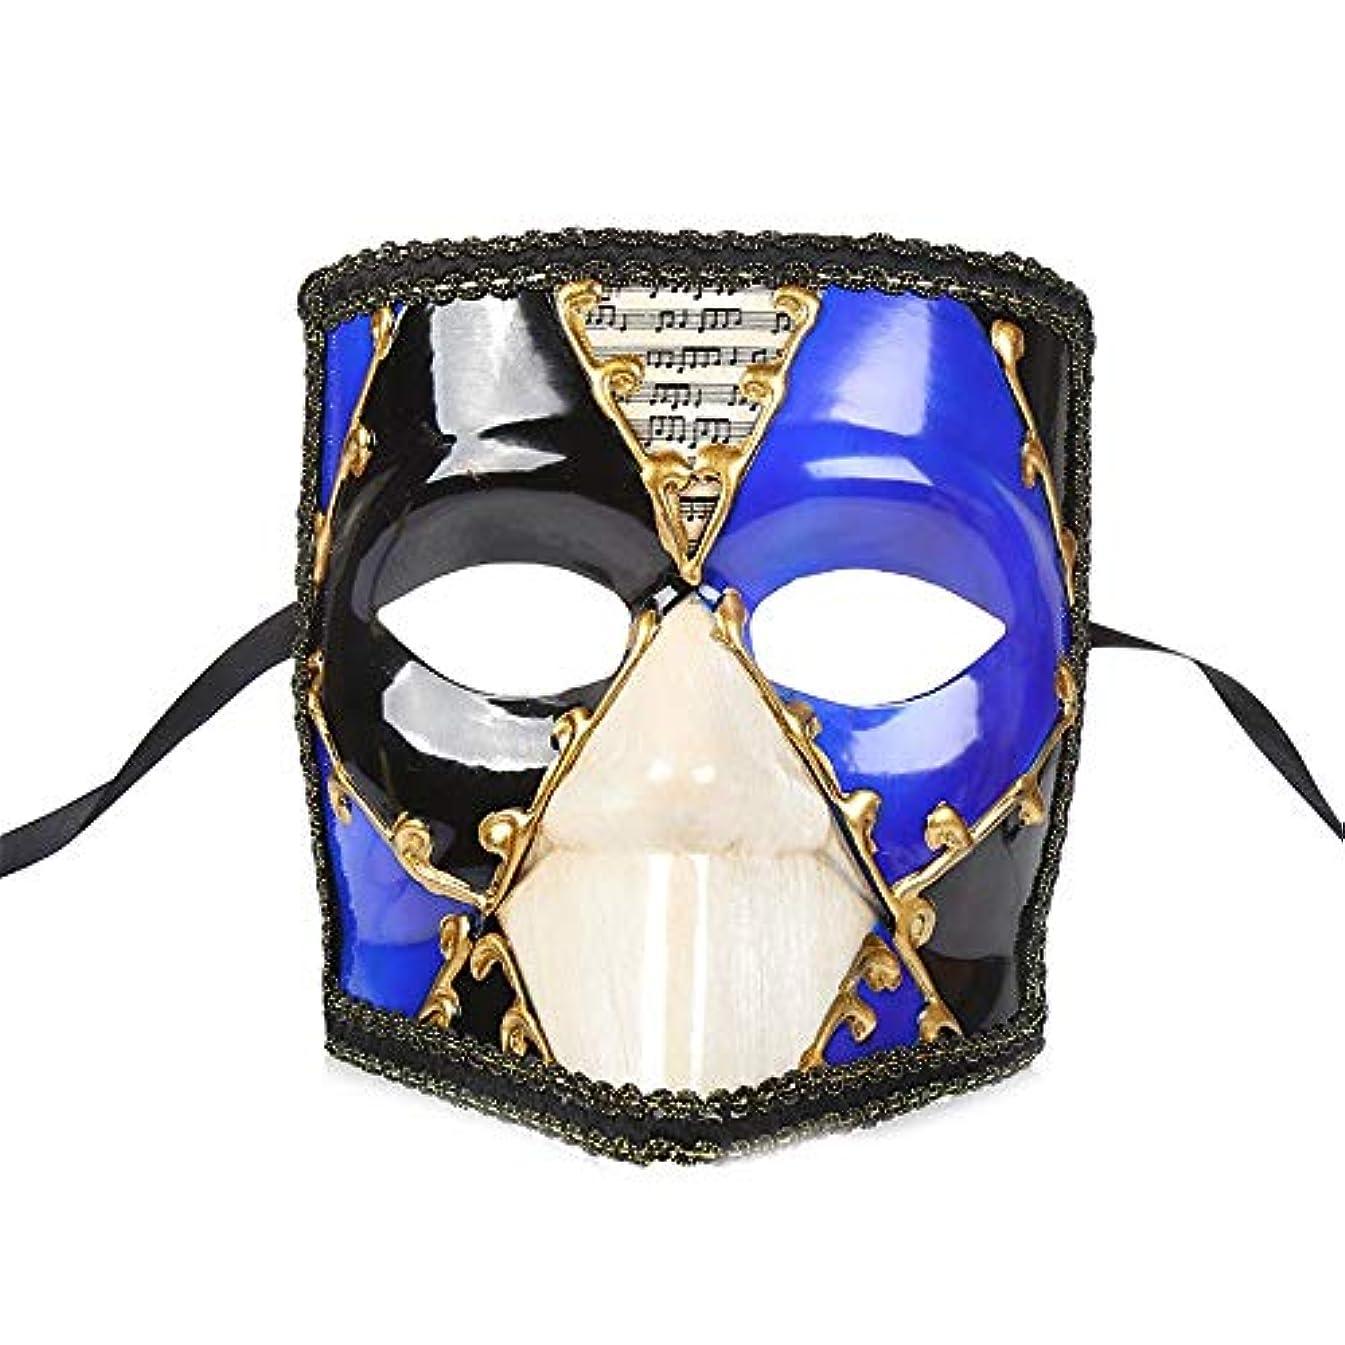 真似るいくつかの牛肉ダンスマスク ピエロマスクヴィンテージマスカレードショーデコレーションコスプレナイトクラブプラスチック厚いマスク ホリデーパーティー用品 (色 : 青, サイズ : 18x15cm)